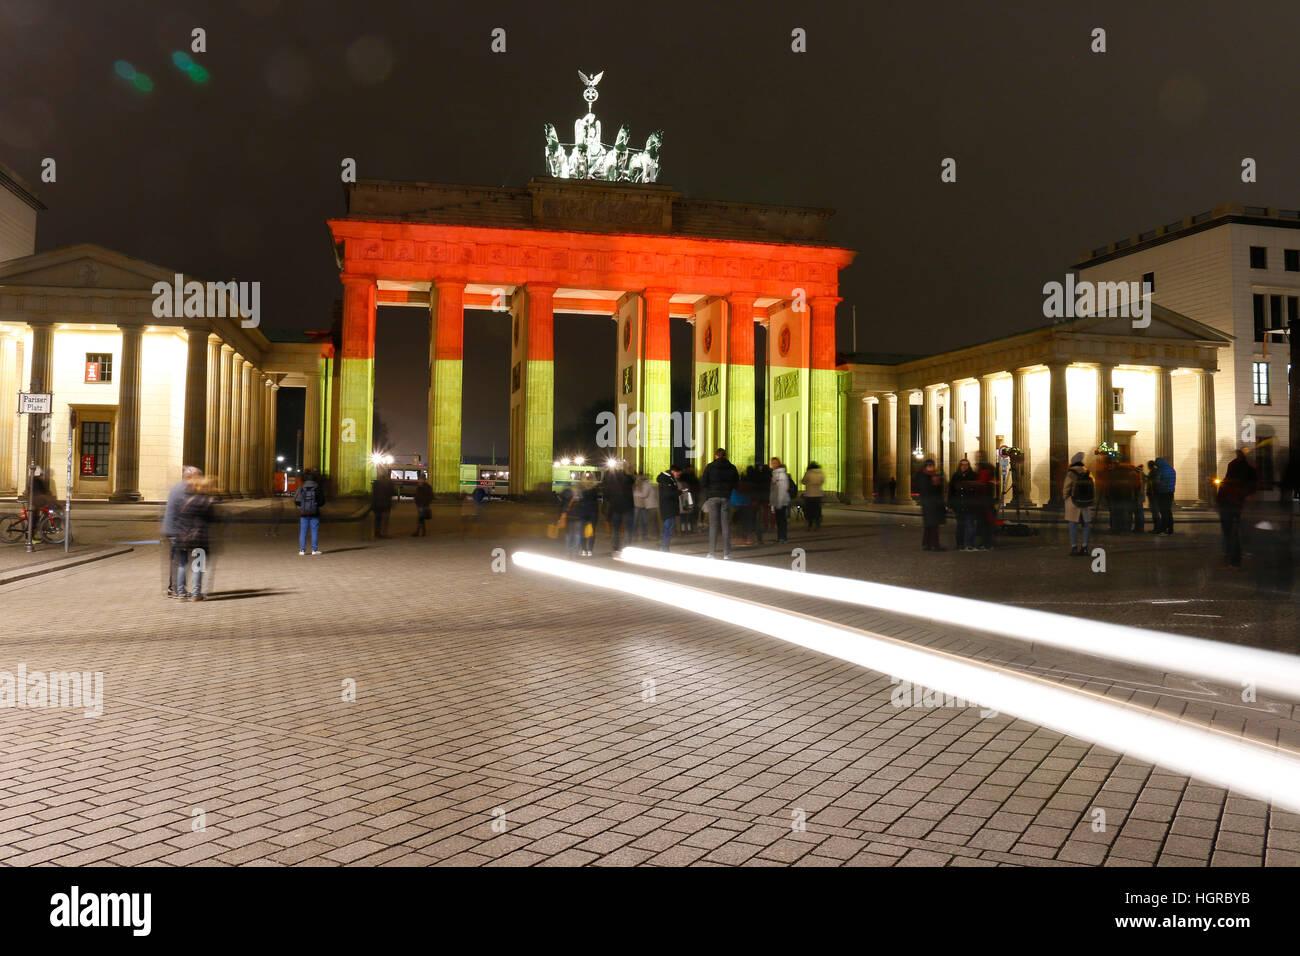 Impressionen: das Brandenburger Tor wird dieses mal in den deutschen Nationalfarben beleuchtet: Illuminierung des Stock Photo